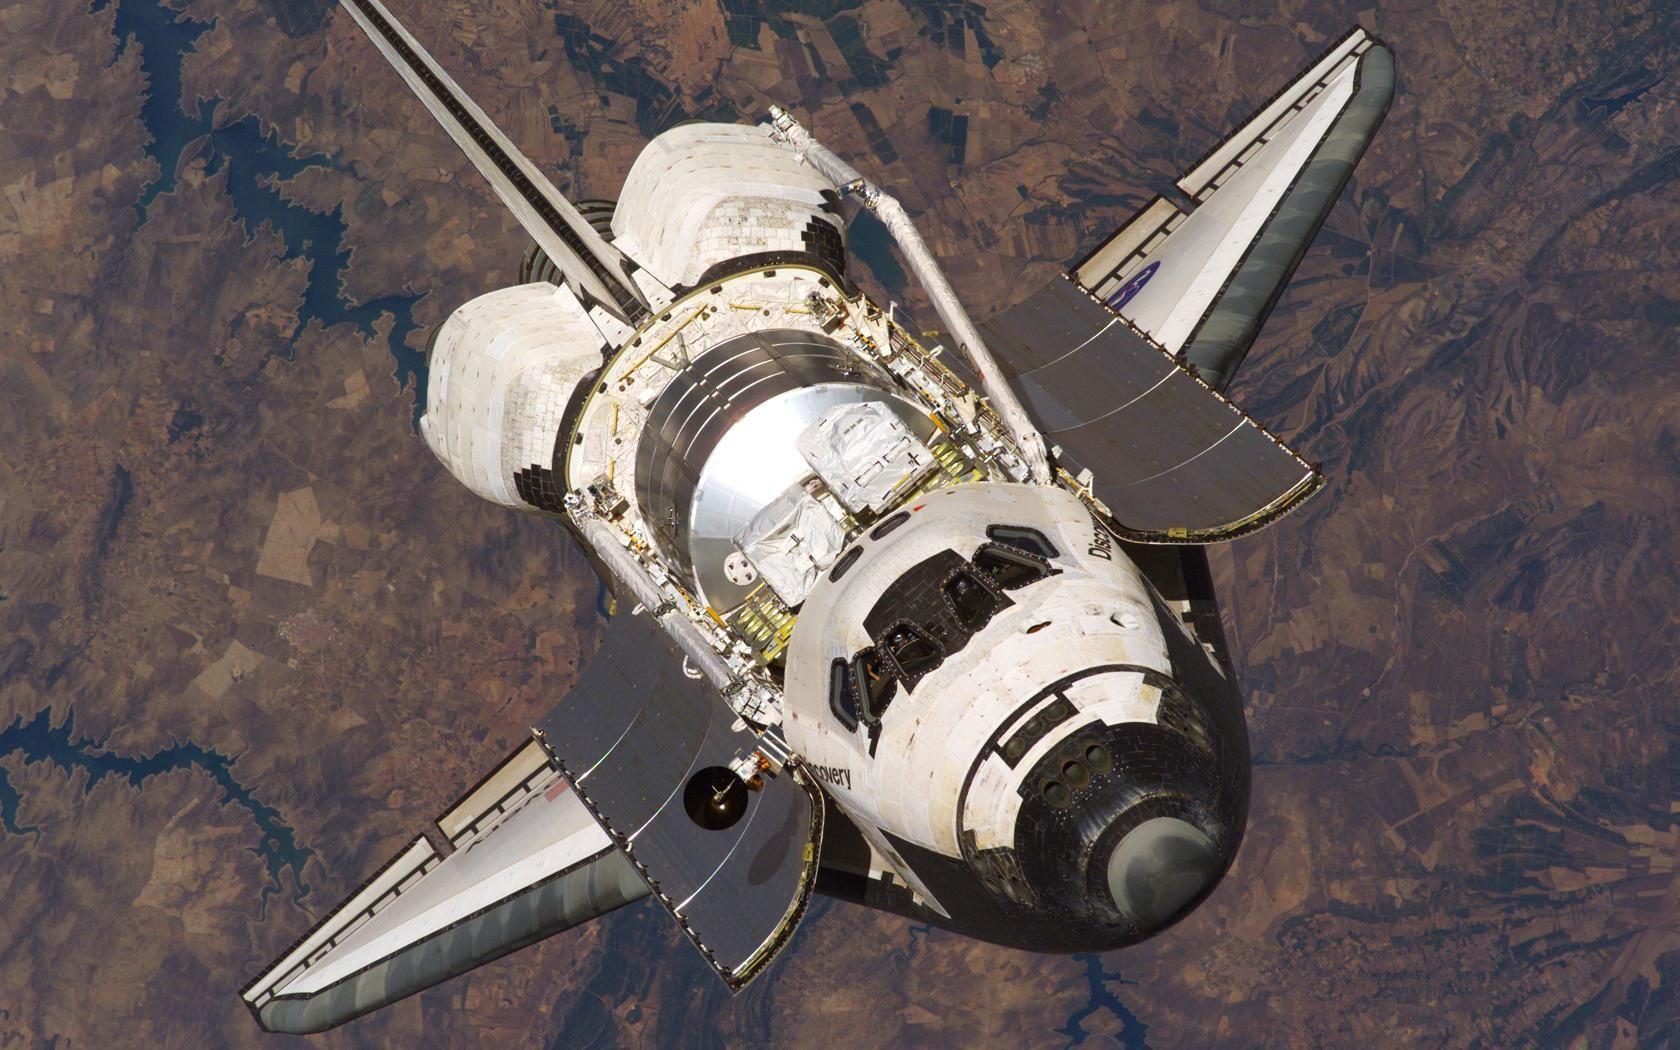 Space Shuttle In Orbit Wallpaper Hd Background 9 Hd - Space Shuttle Payload Bay , HD Wallpaper & Backgrounds